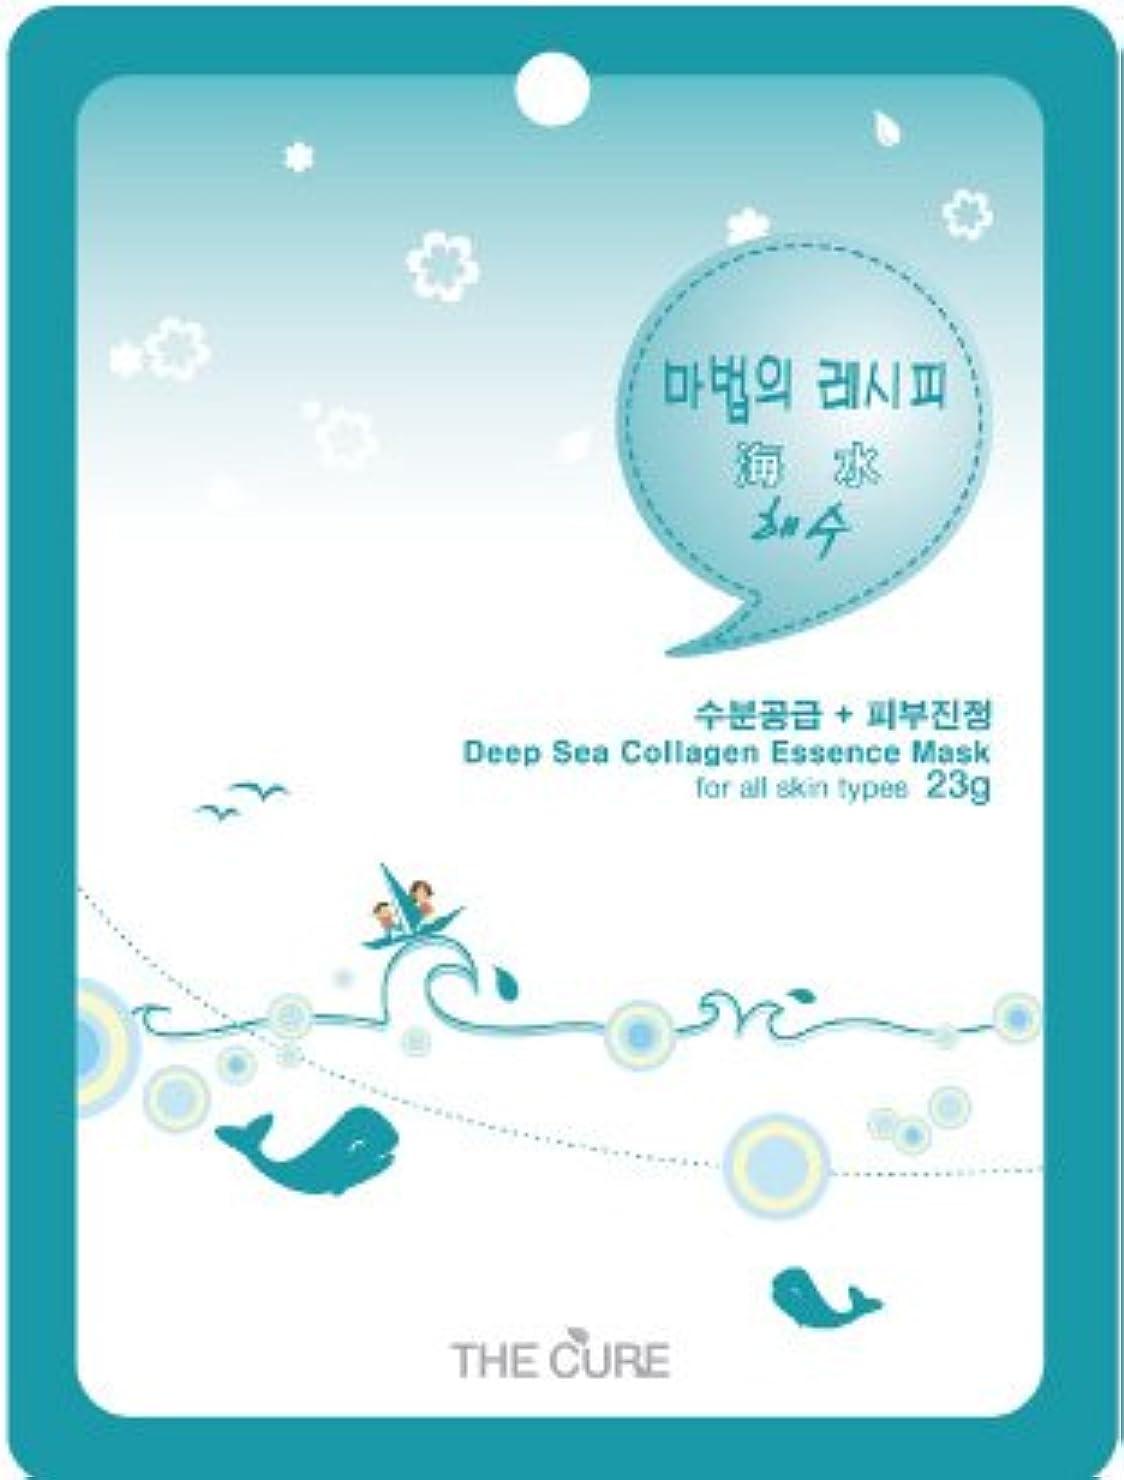 コマース女の子寛容な海水 コラーゲン エッセンス マスク THE CURE シート パック 10枚セット 韓国 コスメ